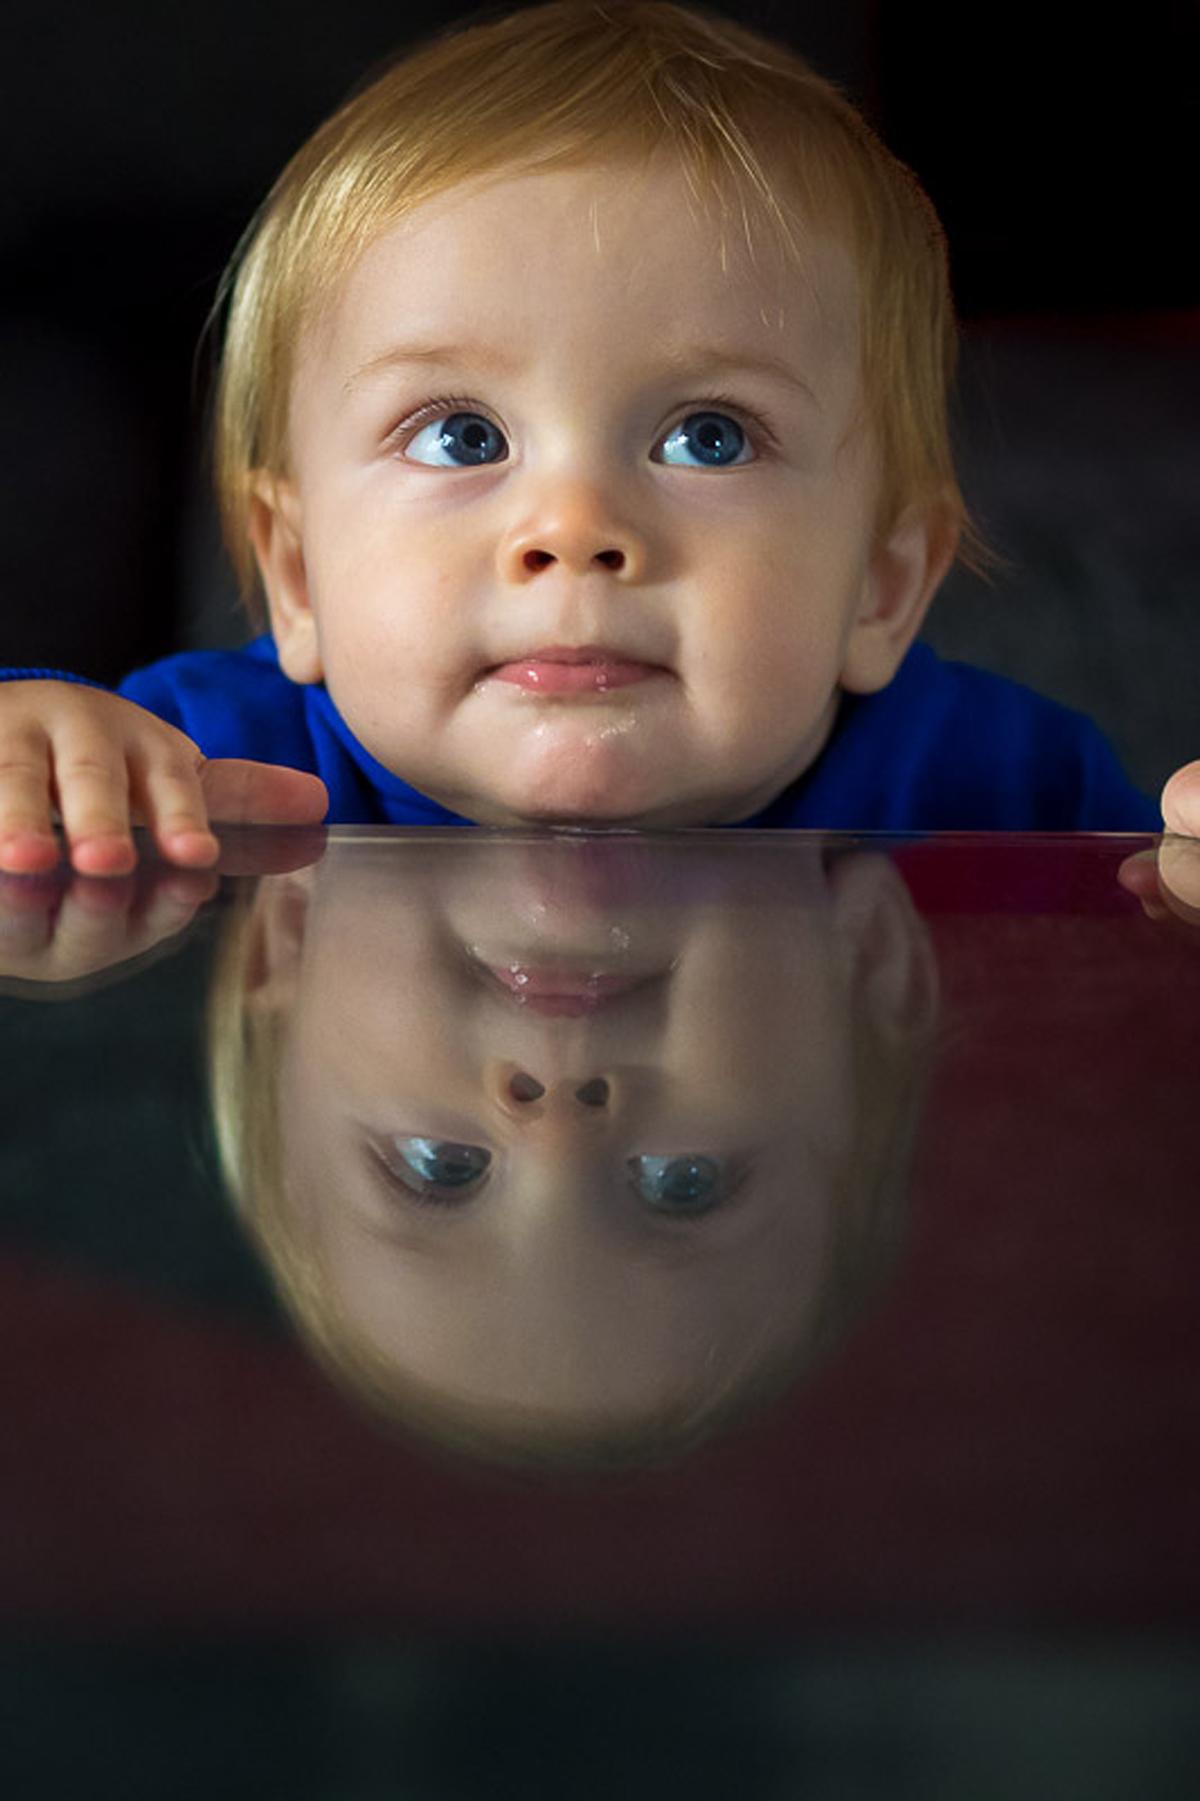 Baby mit Spiegelung